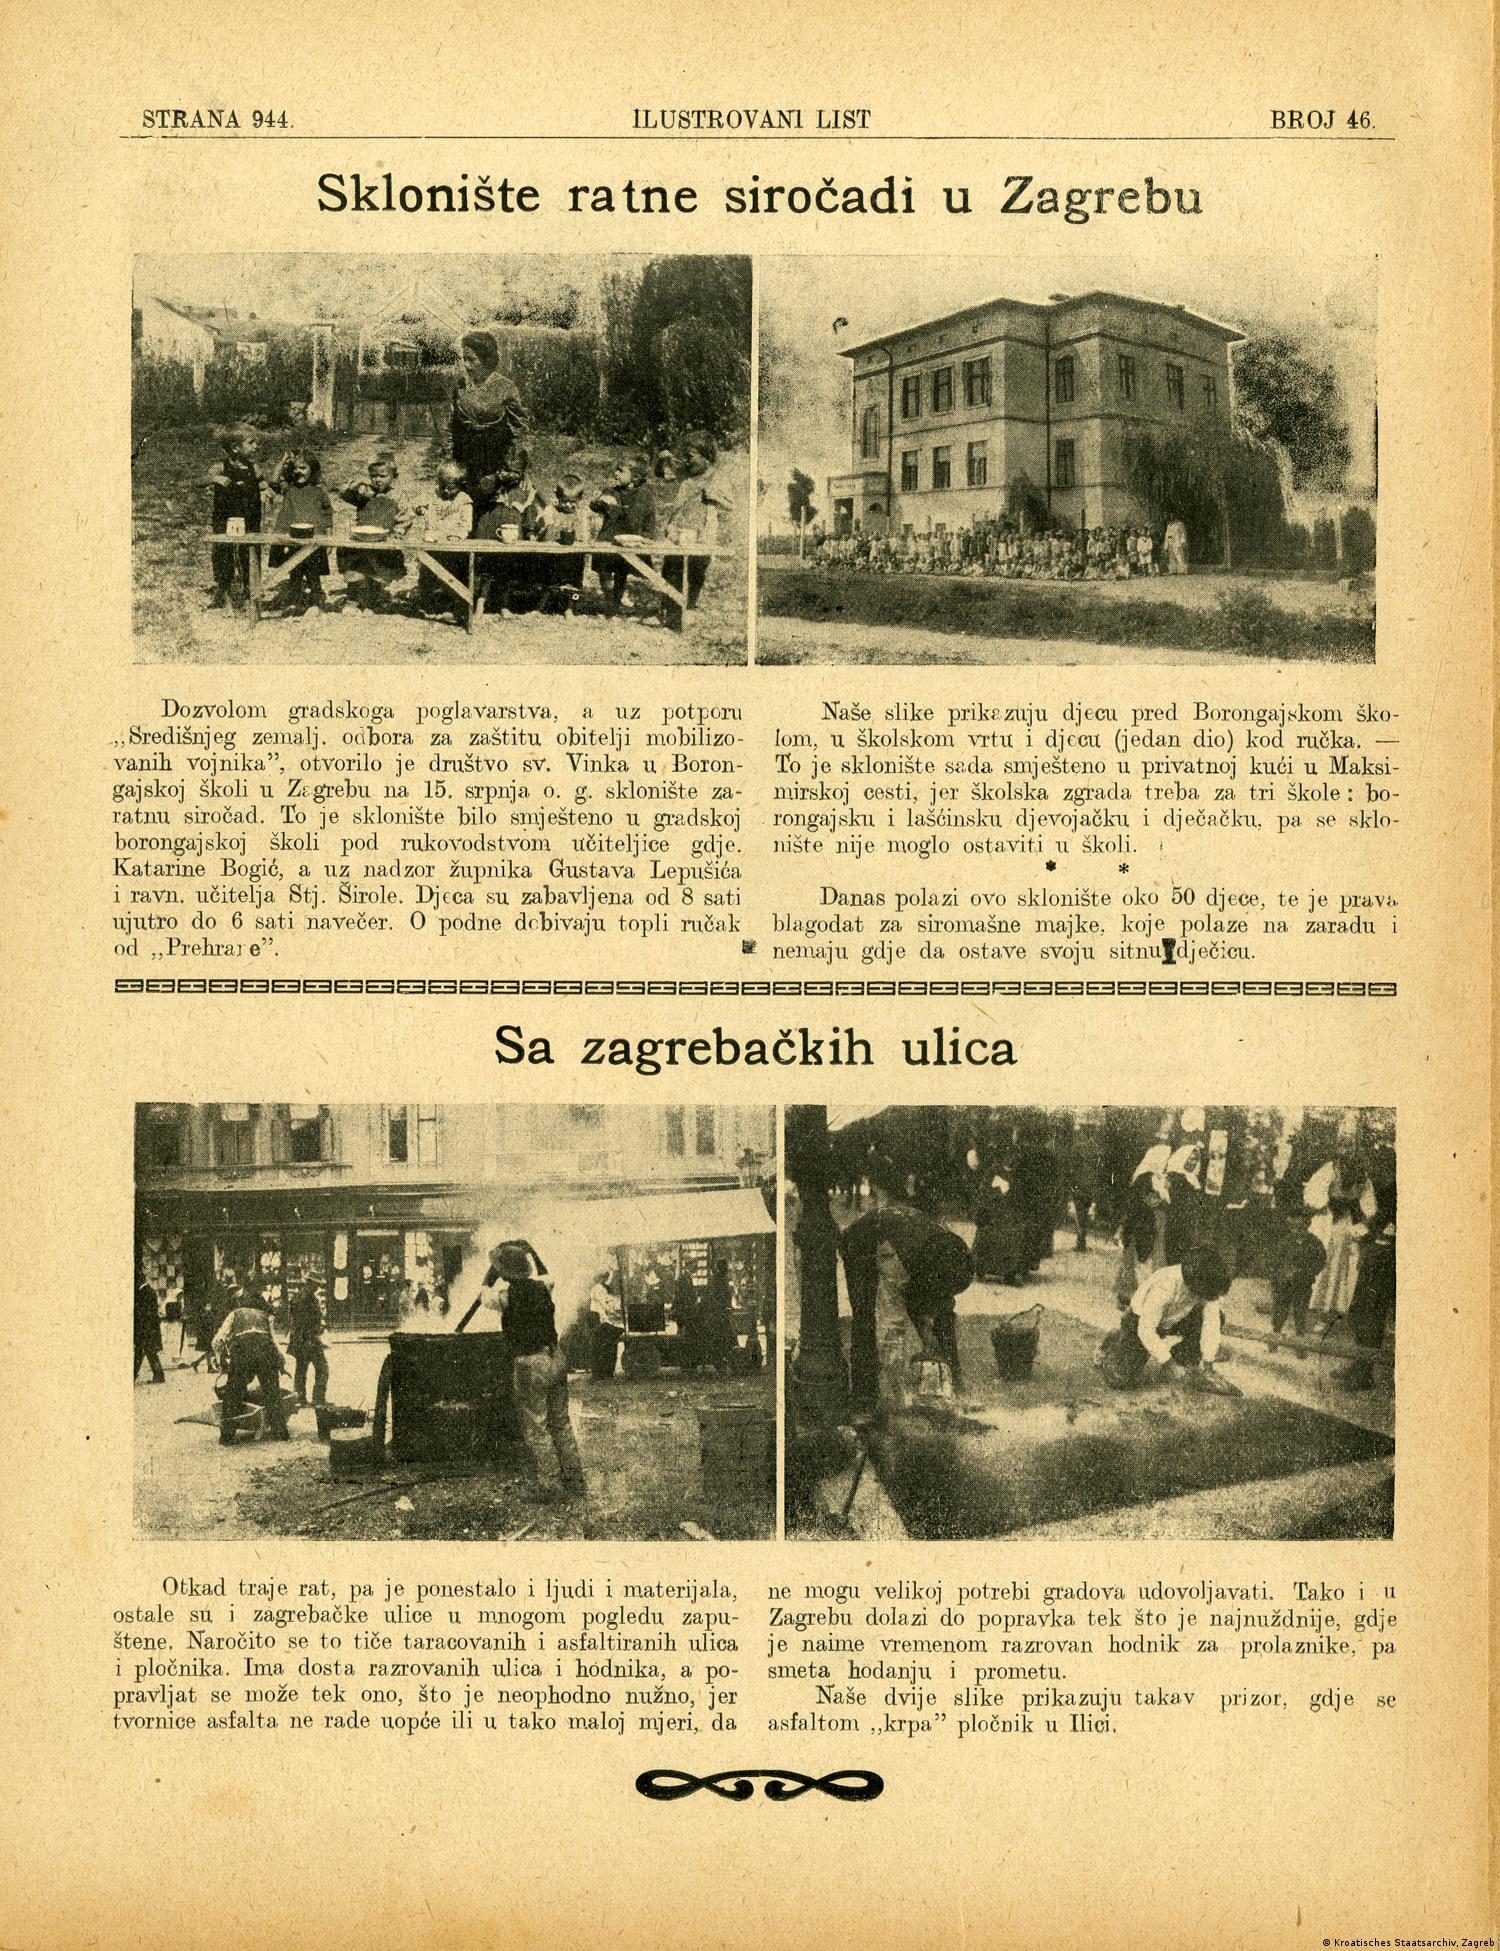 Isječak iz Ilustrovanog lista 1916. govori o životu u Zagrebu